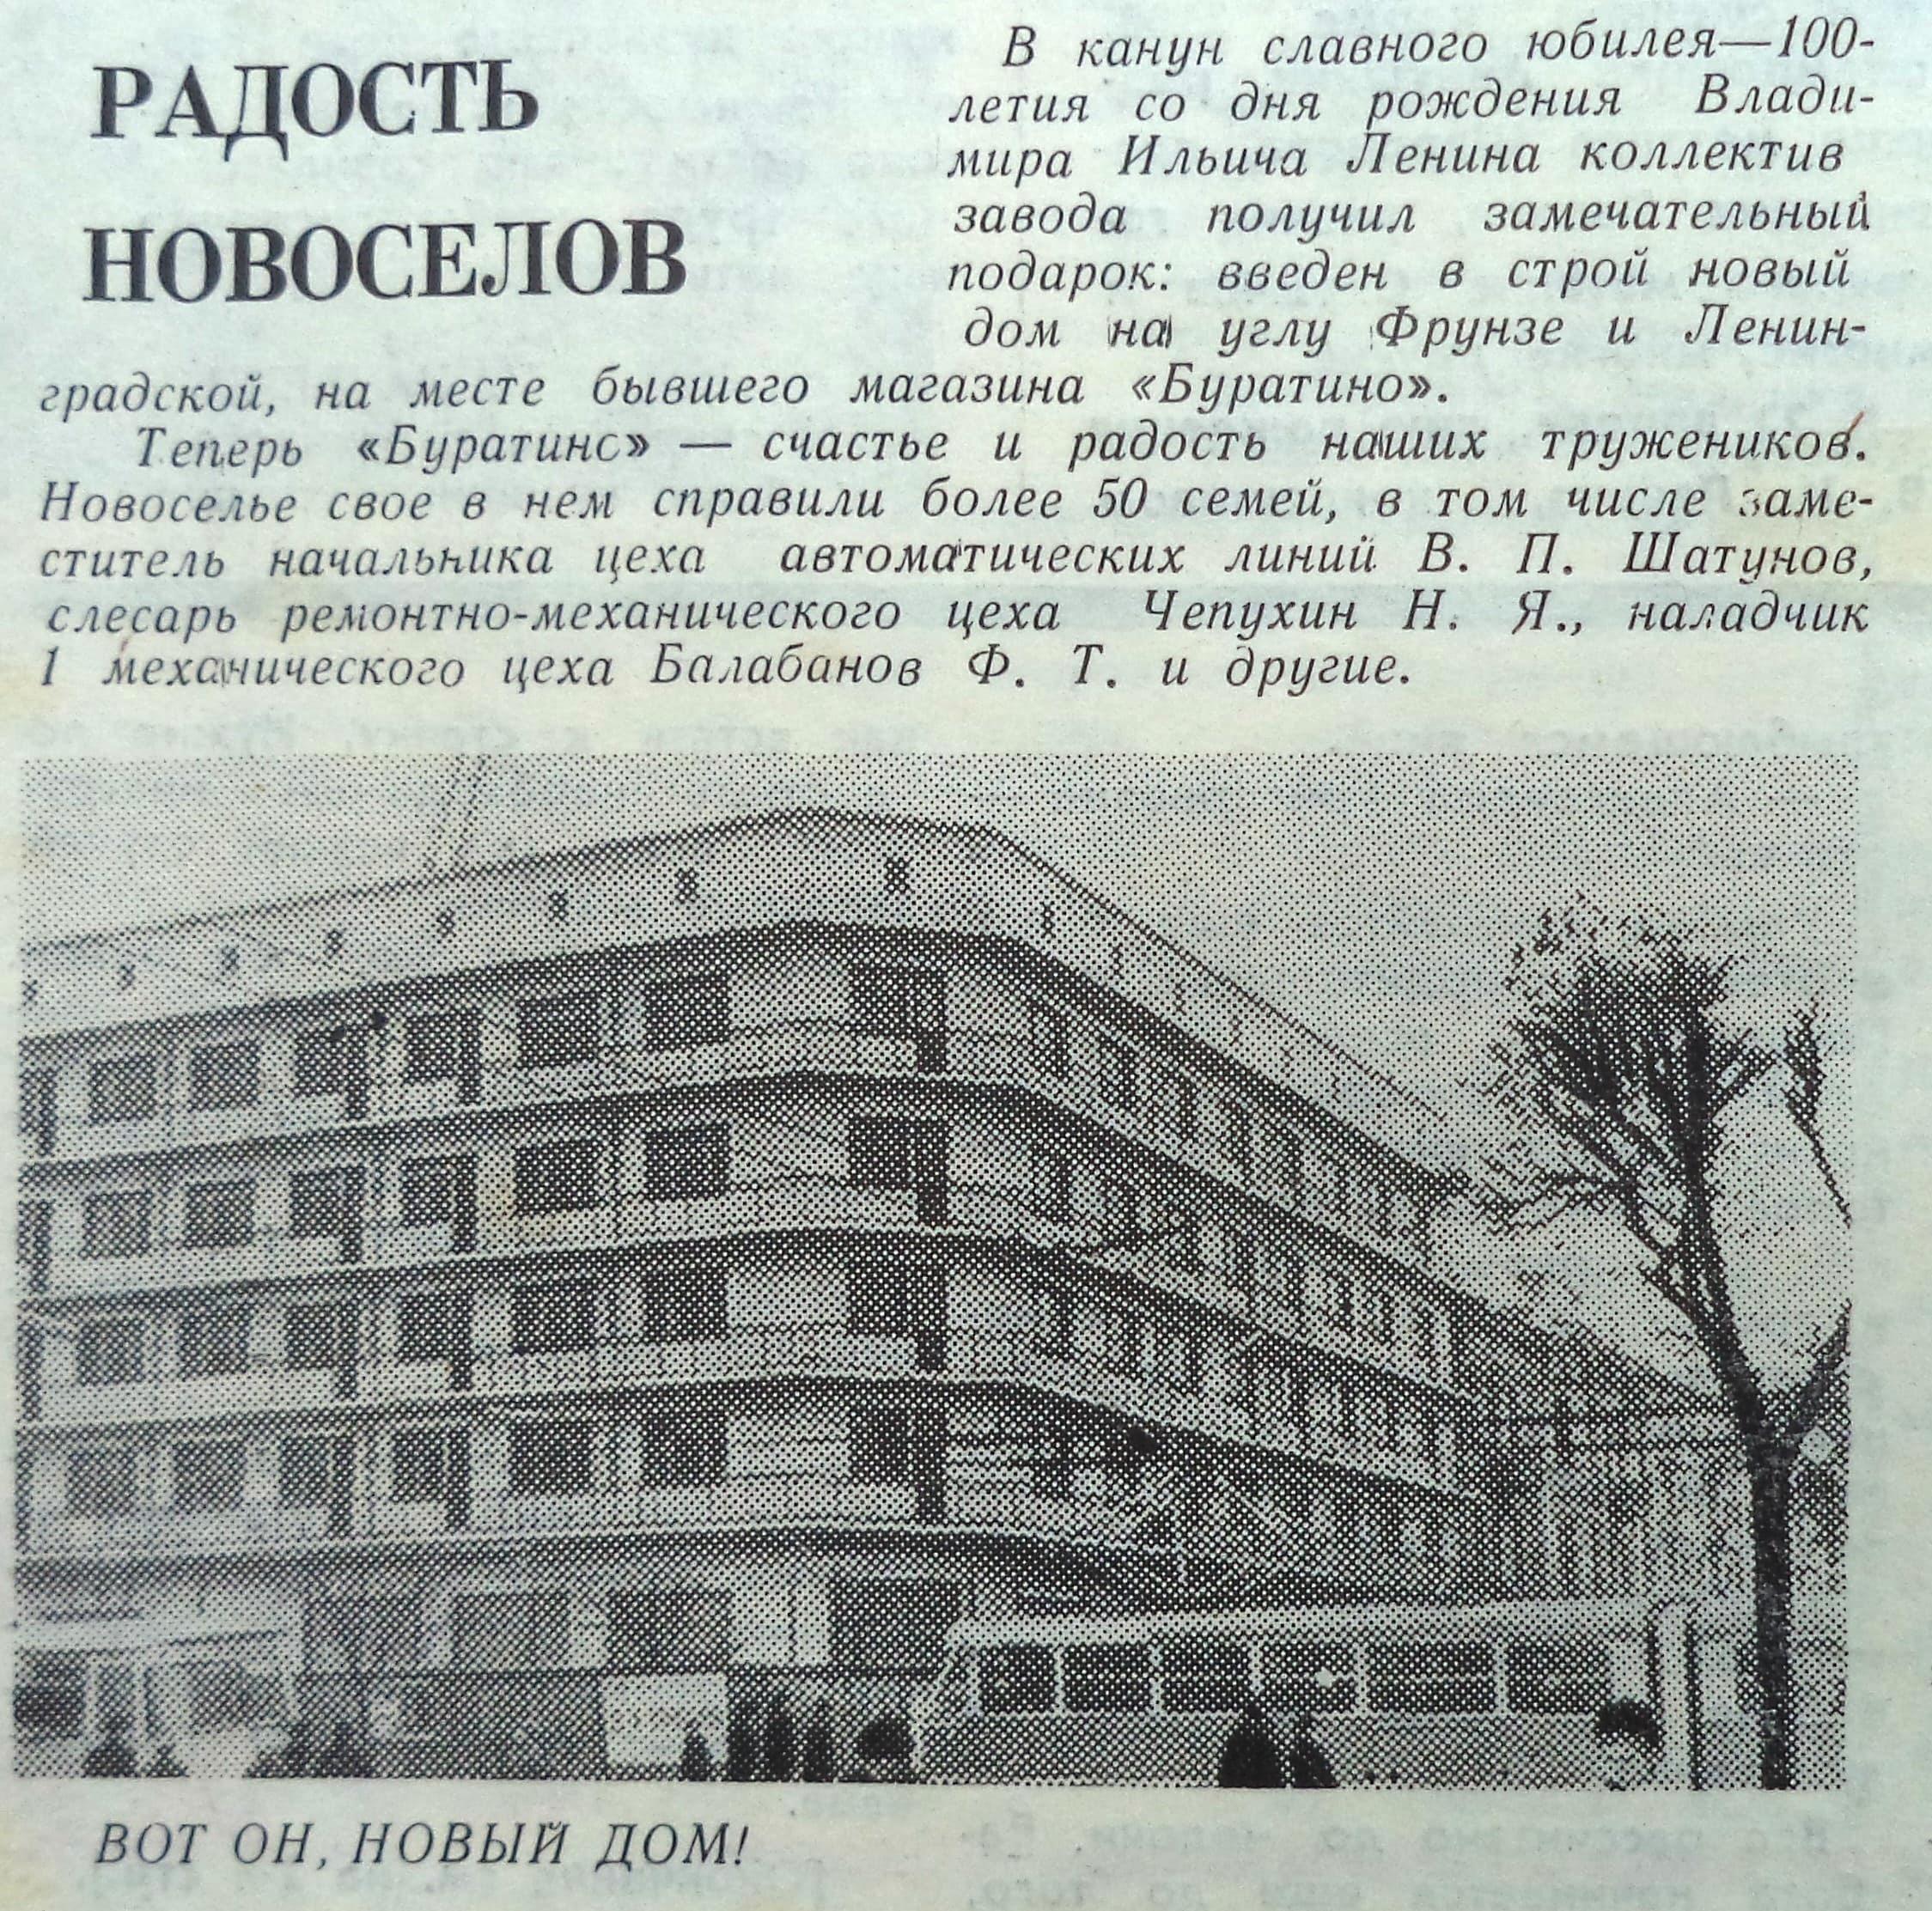 Za_avtomatizatsiyu-1970-04-30-sdacha_novostr_v_bud_mag_Zhemchug-min